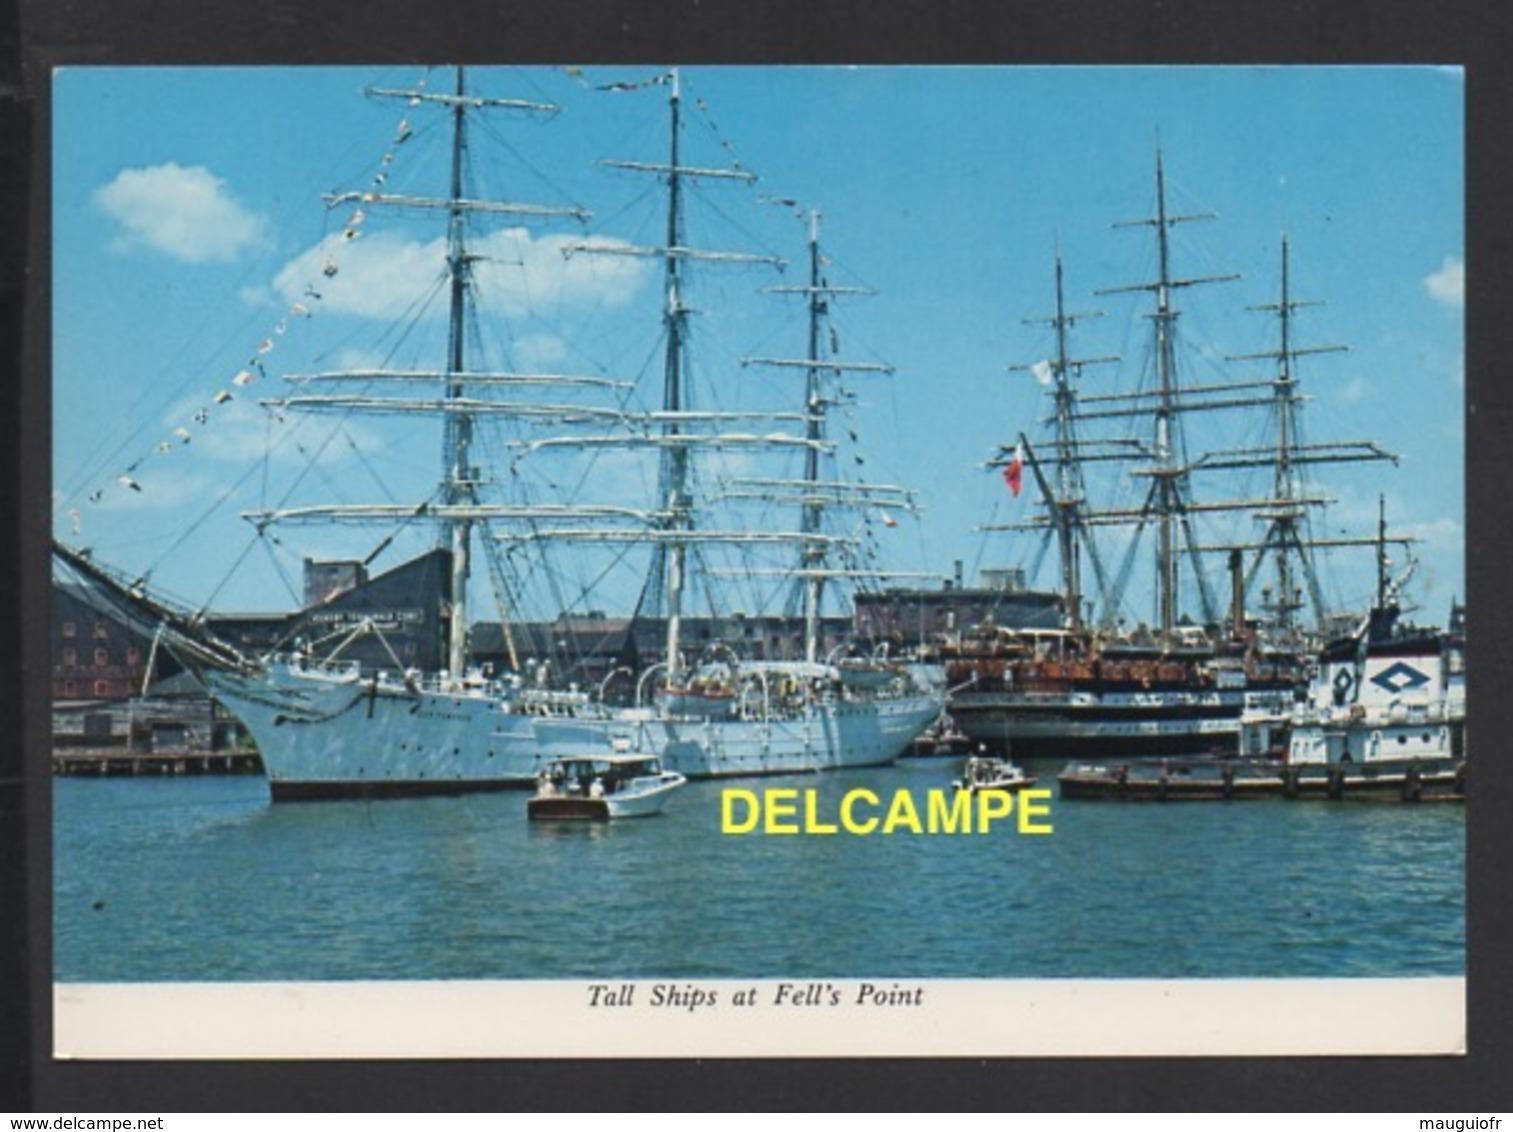 DF / BATEAUX / GRANDS VOILIERS A BALTIMORE  USA / DOR POMORZA POLONAIS (GAUCHE) ET AMERIGO VESPUCCI ITALIEN (DROITE) - Sailing Vessels